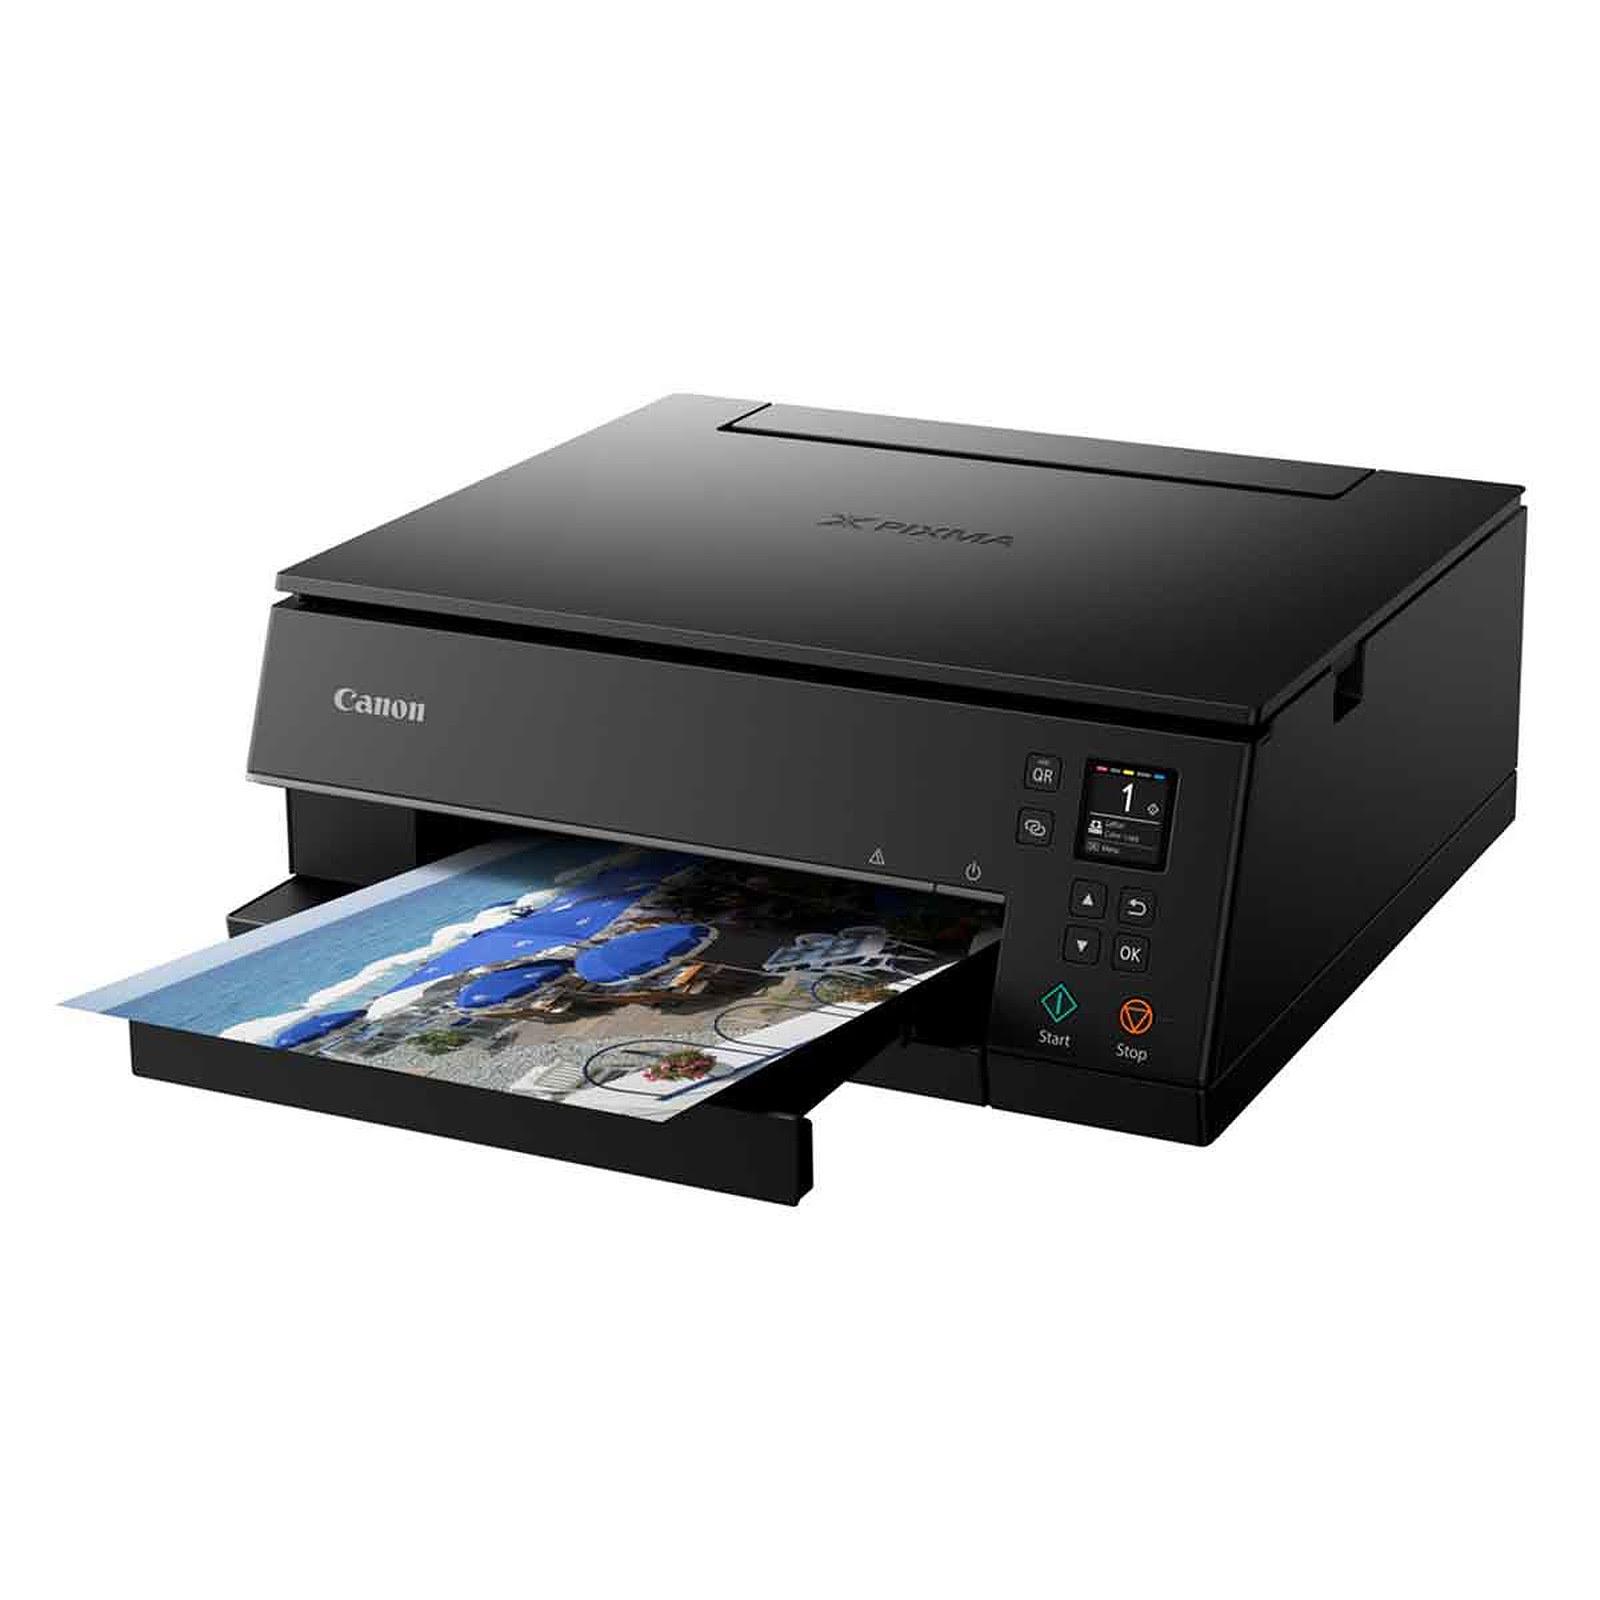 PIXMA TS6350 (3774C006) - Achat / Vente Imprimante multifonction sur Picata.fr - 2